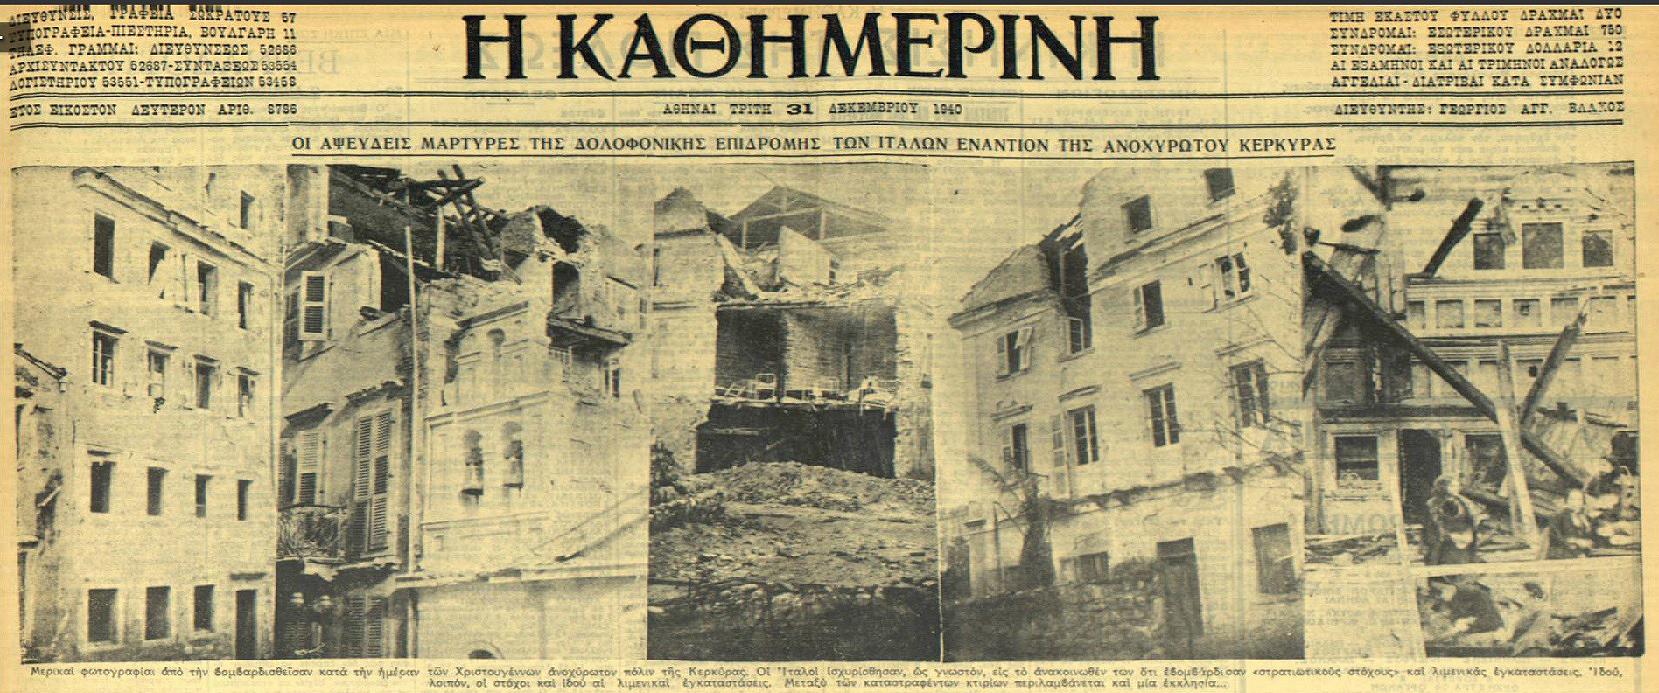 Χειμώνας 1940 – Κέρκυρα, τρομοκρατία εξ ουρανού – CorfuHistory